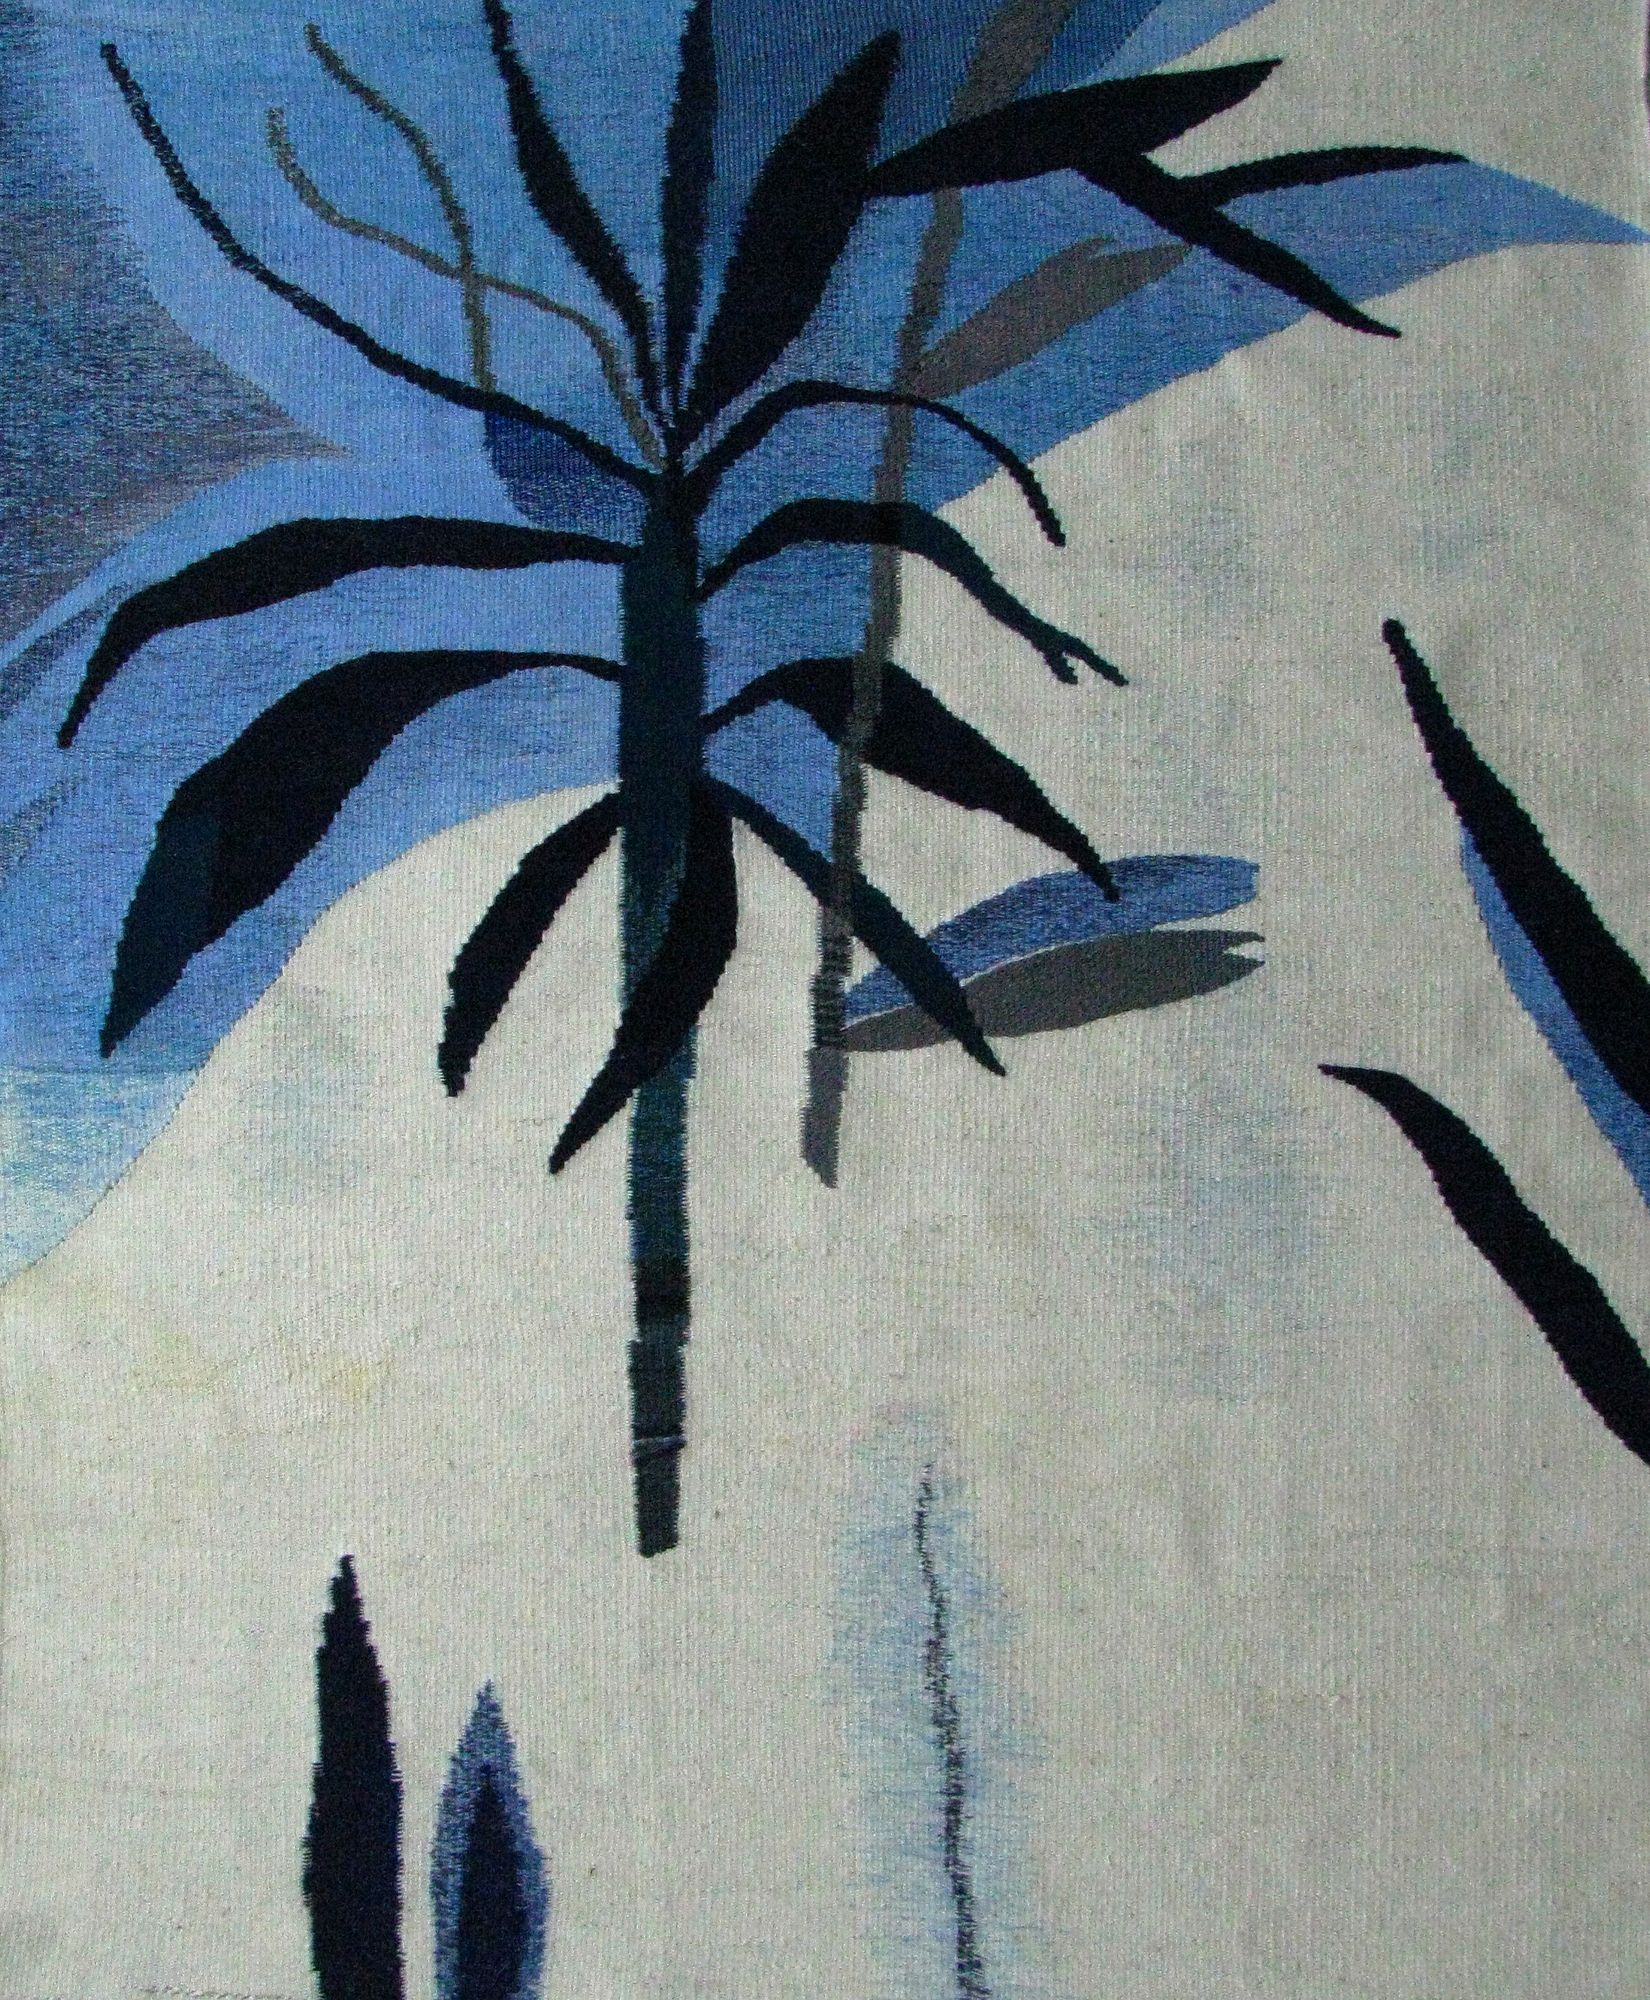 Ксенія Гопко. Пальмова гілка, 2018; гобелен, 65х84 см